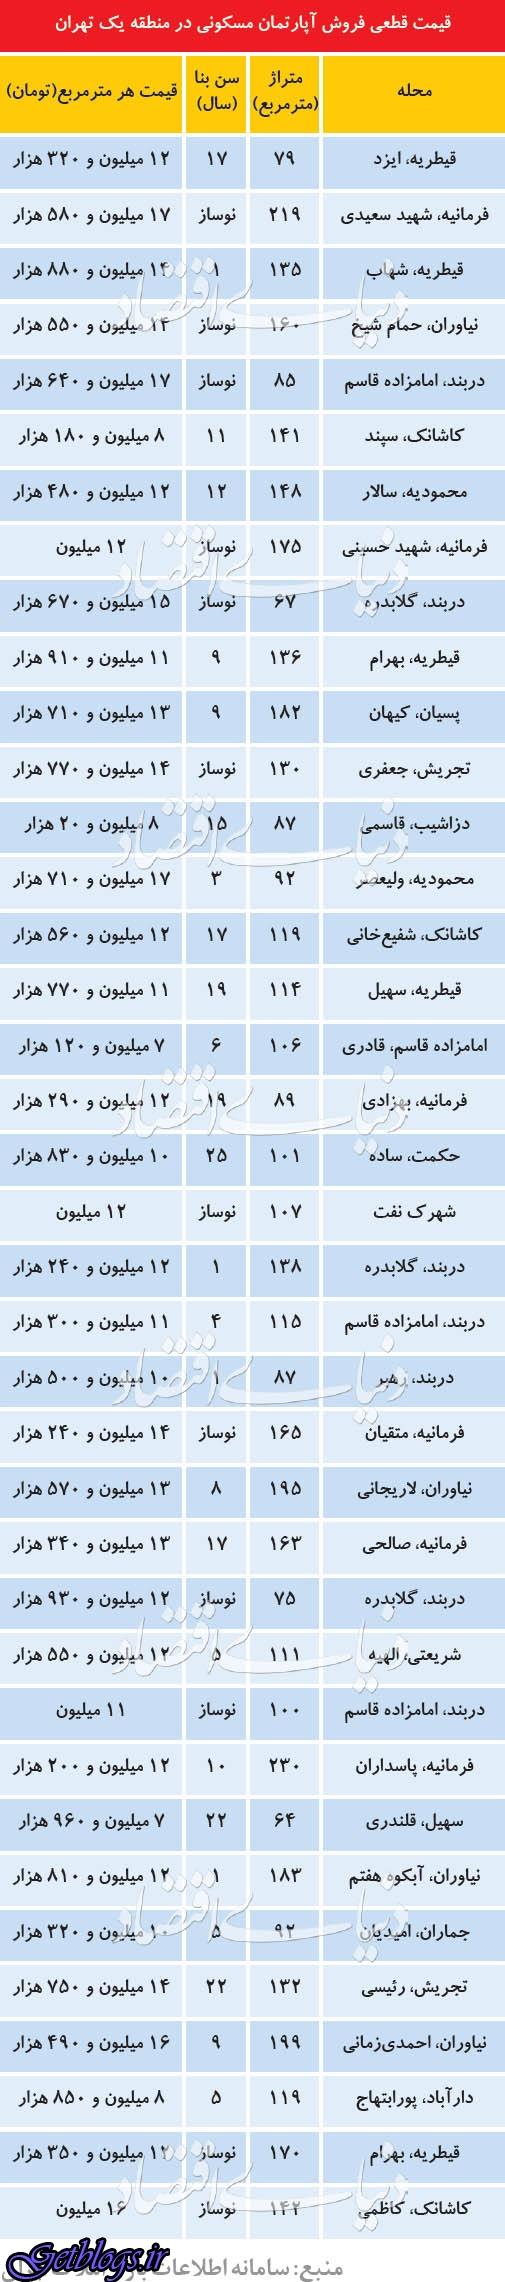 ارزانترین و گرانترین آپارتمانهای منطقه لوکس پایتخت کشور عزیزمان ایران